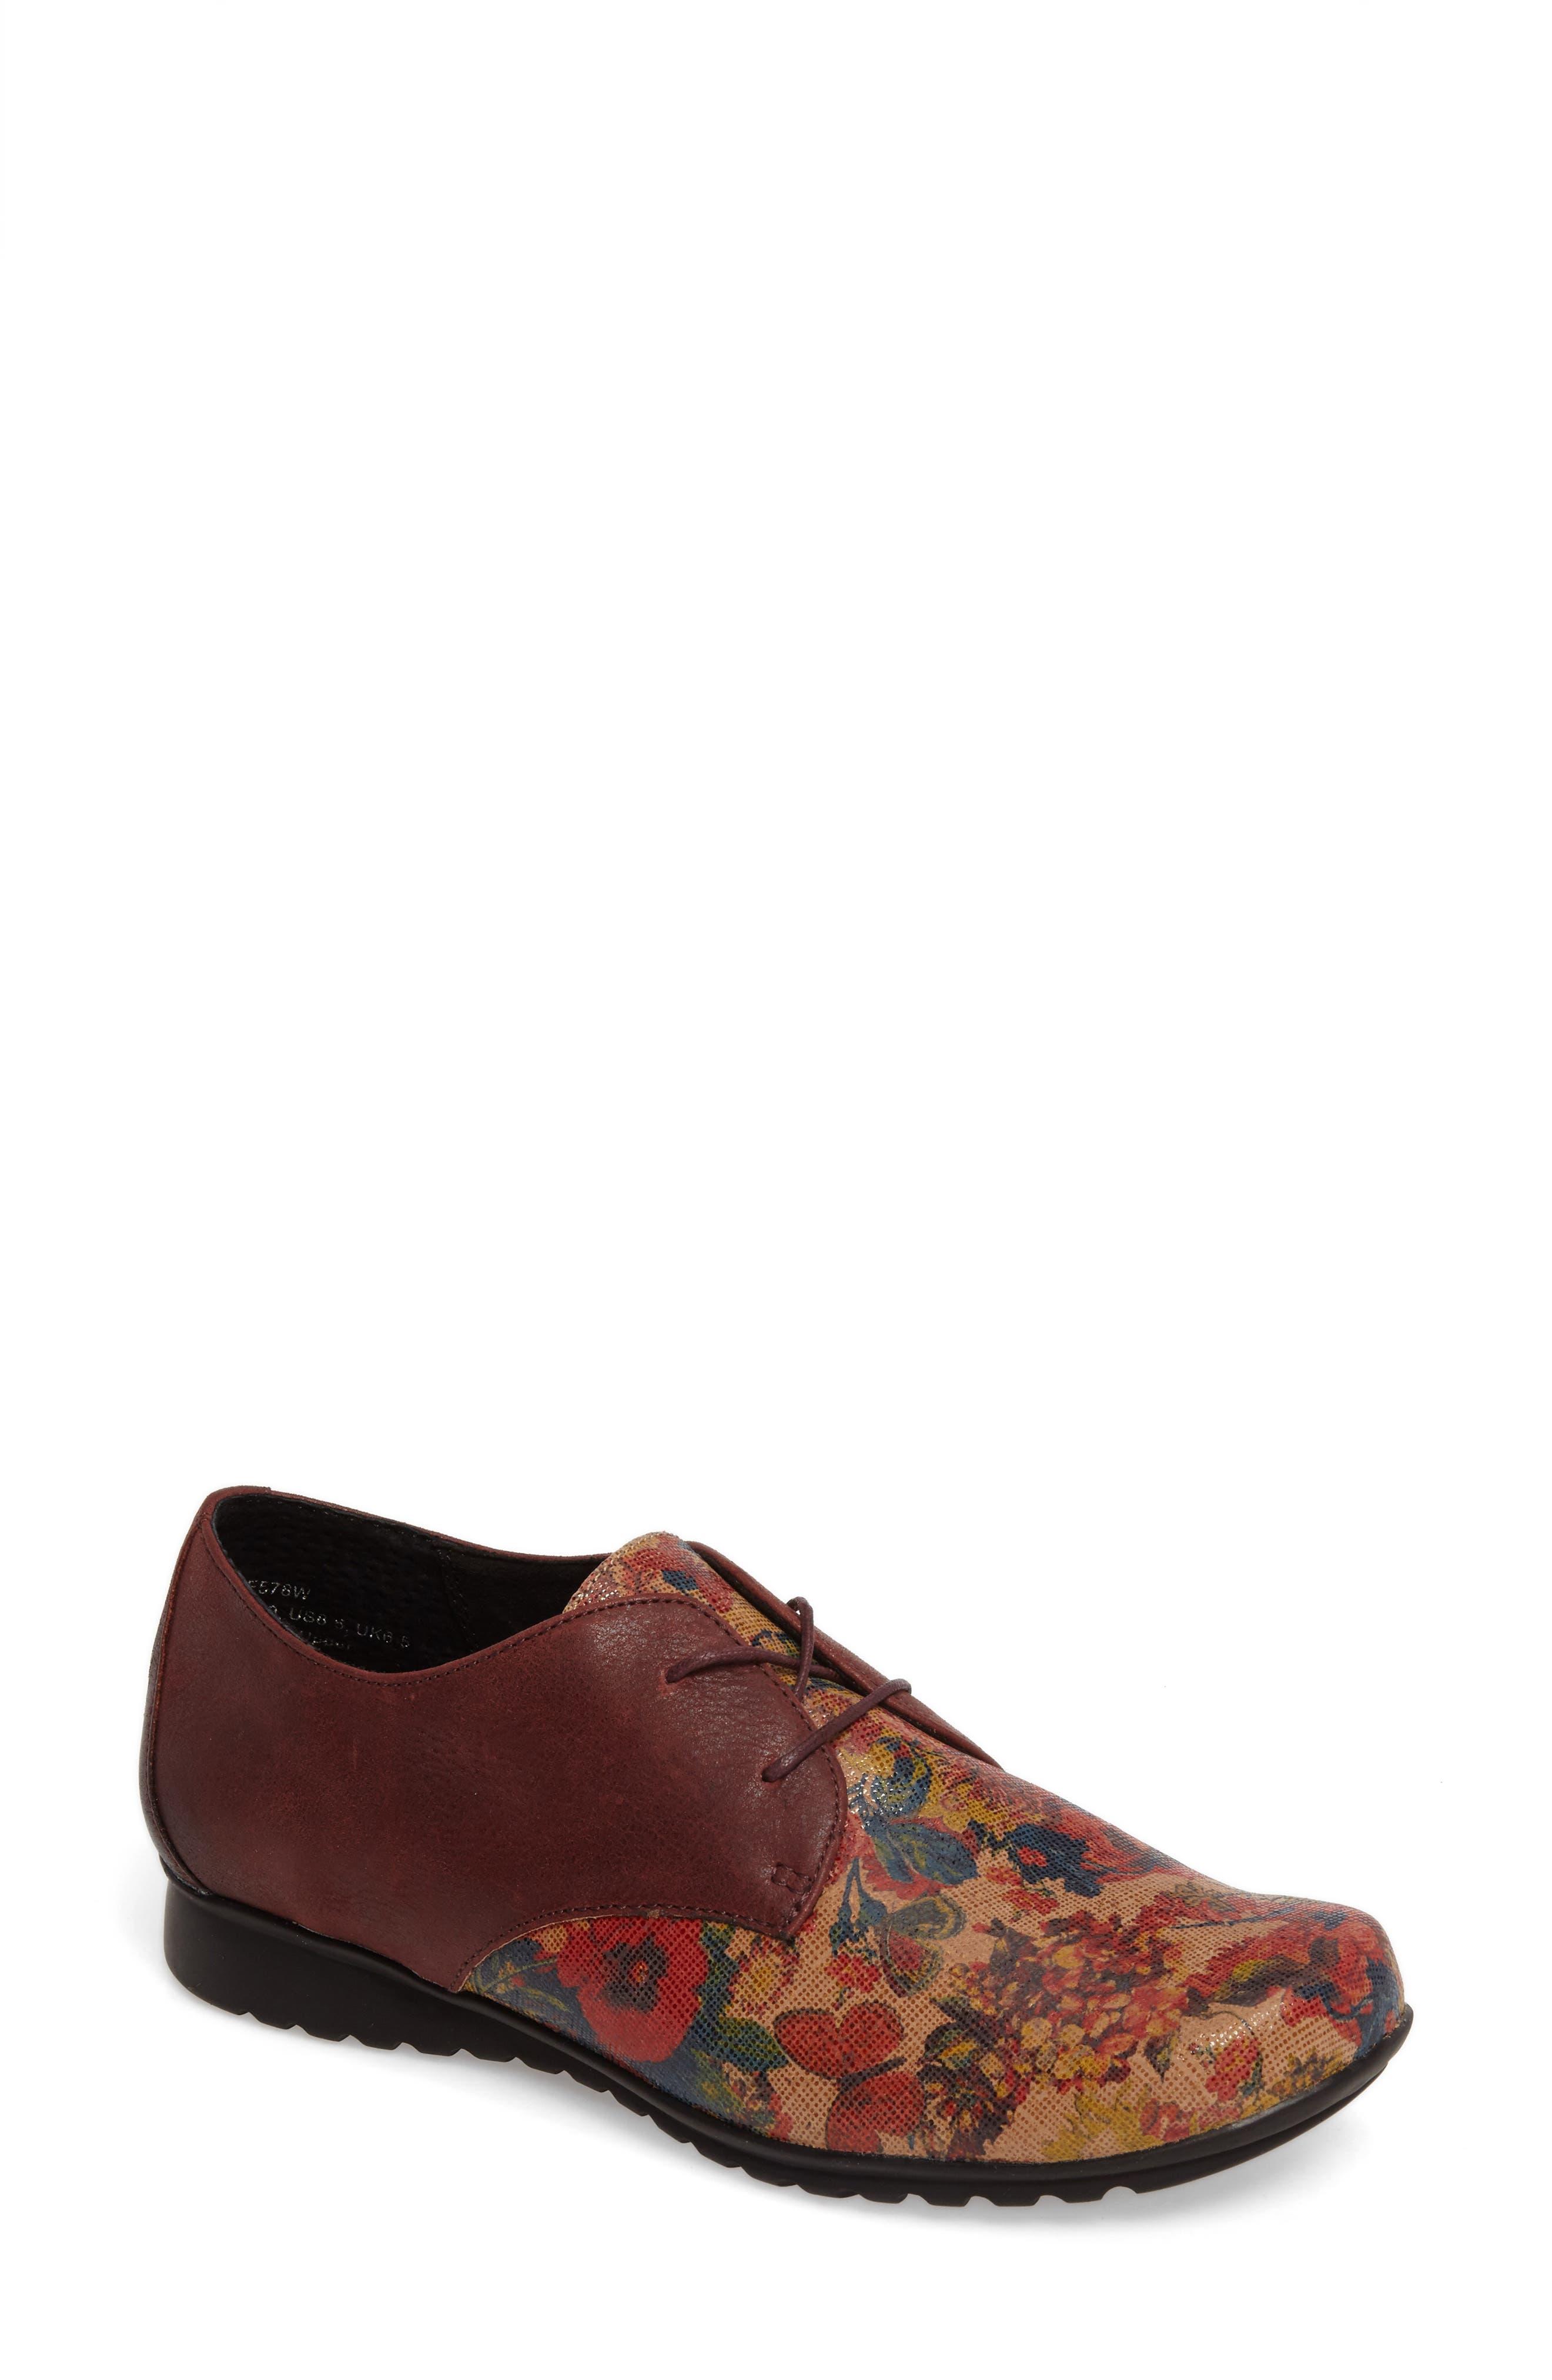 Aetrex Erin Saddle Shoe, Brown